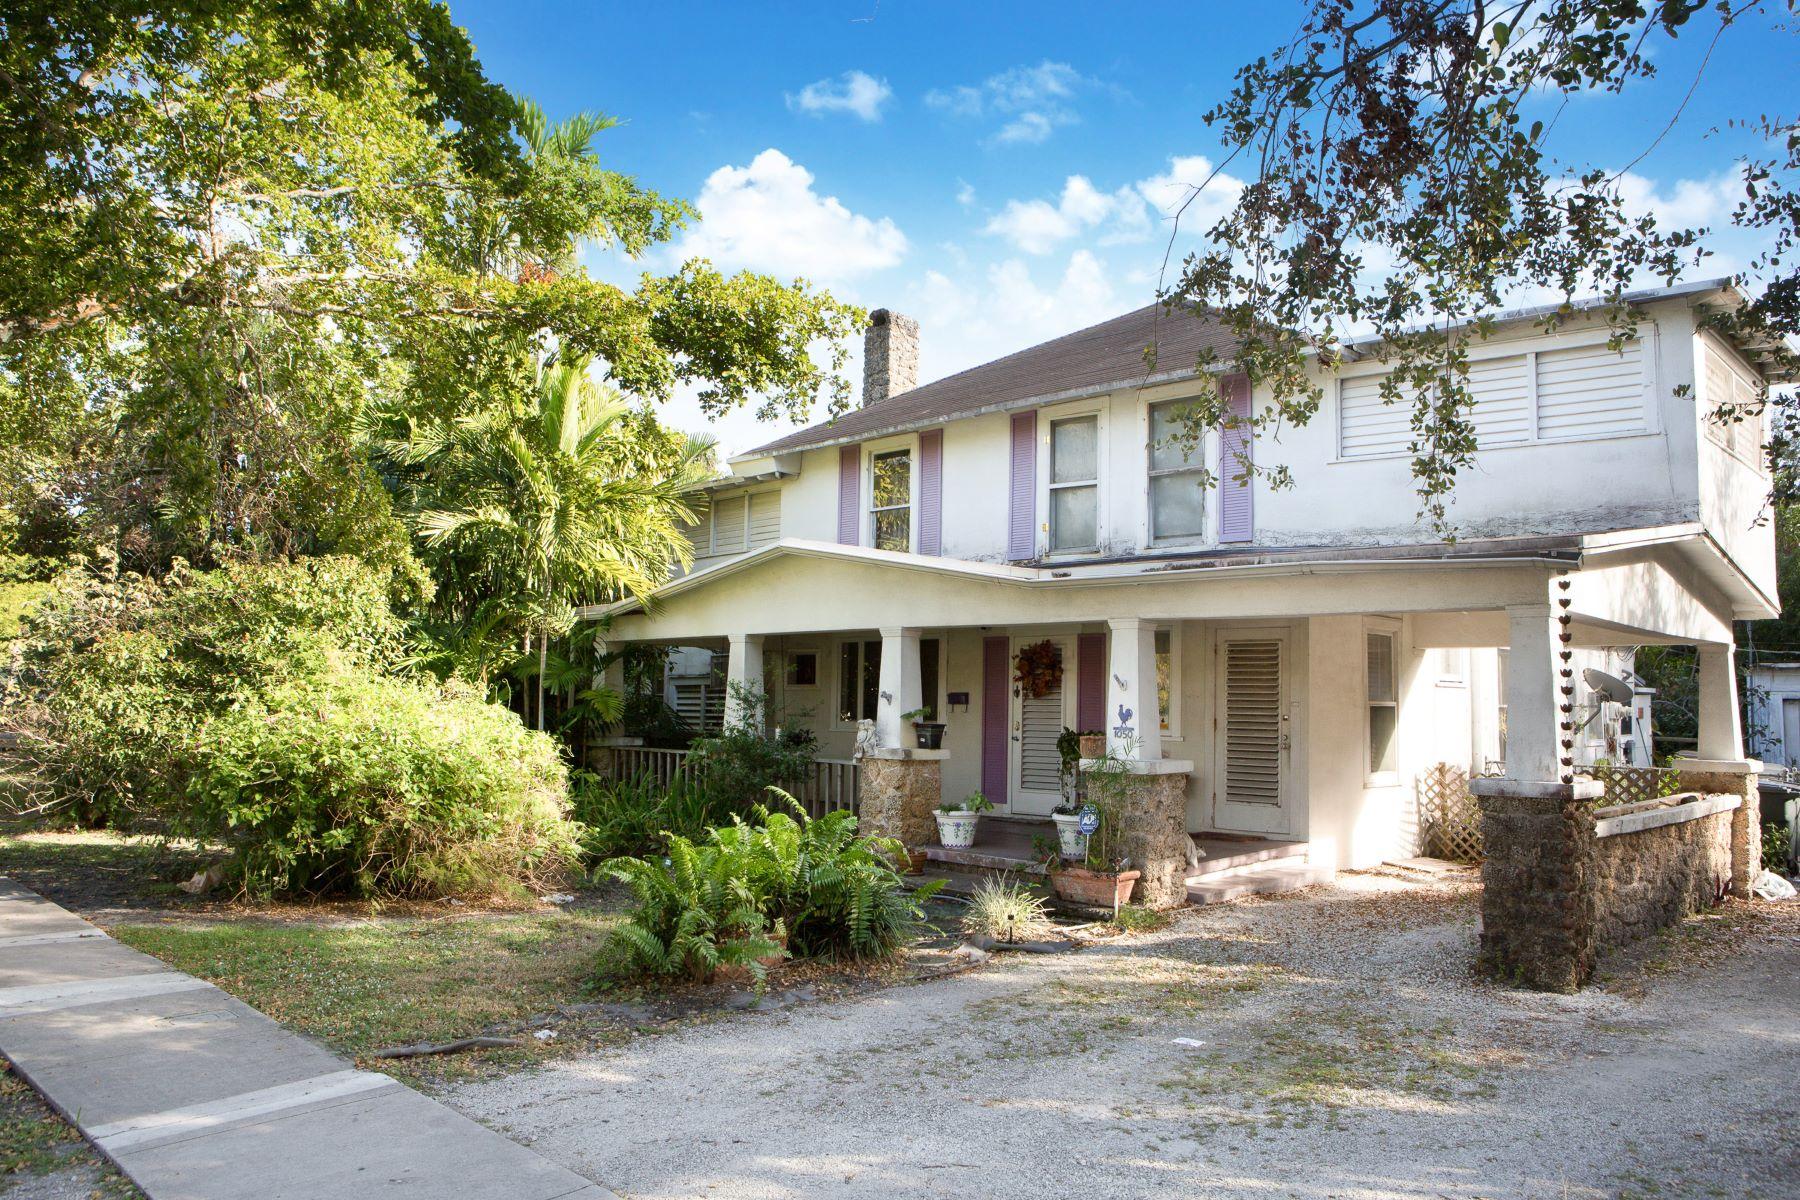 House for Sale at 1050 Ne 131 St 1050 Ne 131 St North Miami, Florida 33161 United States